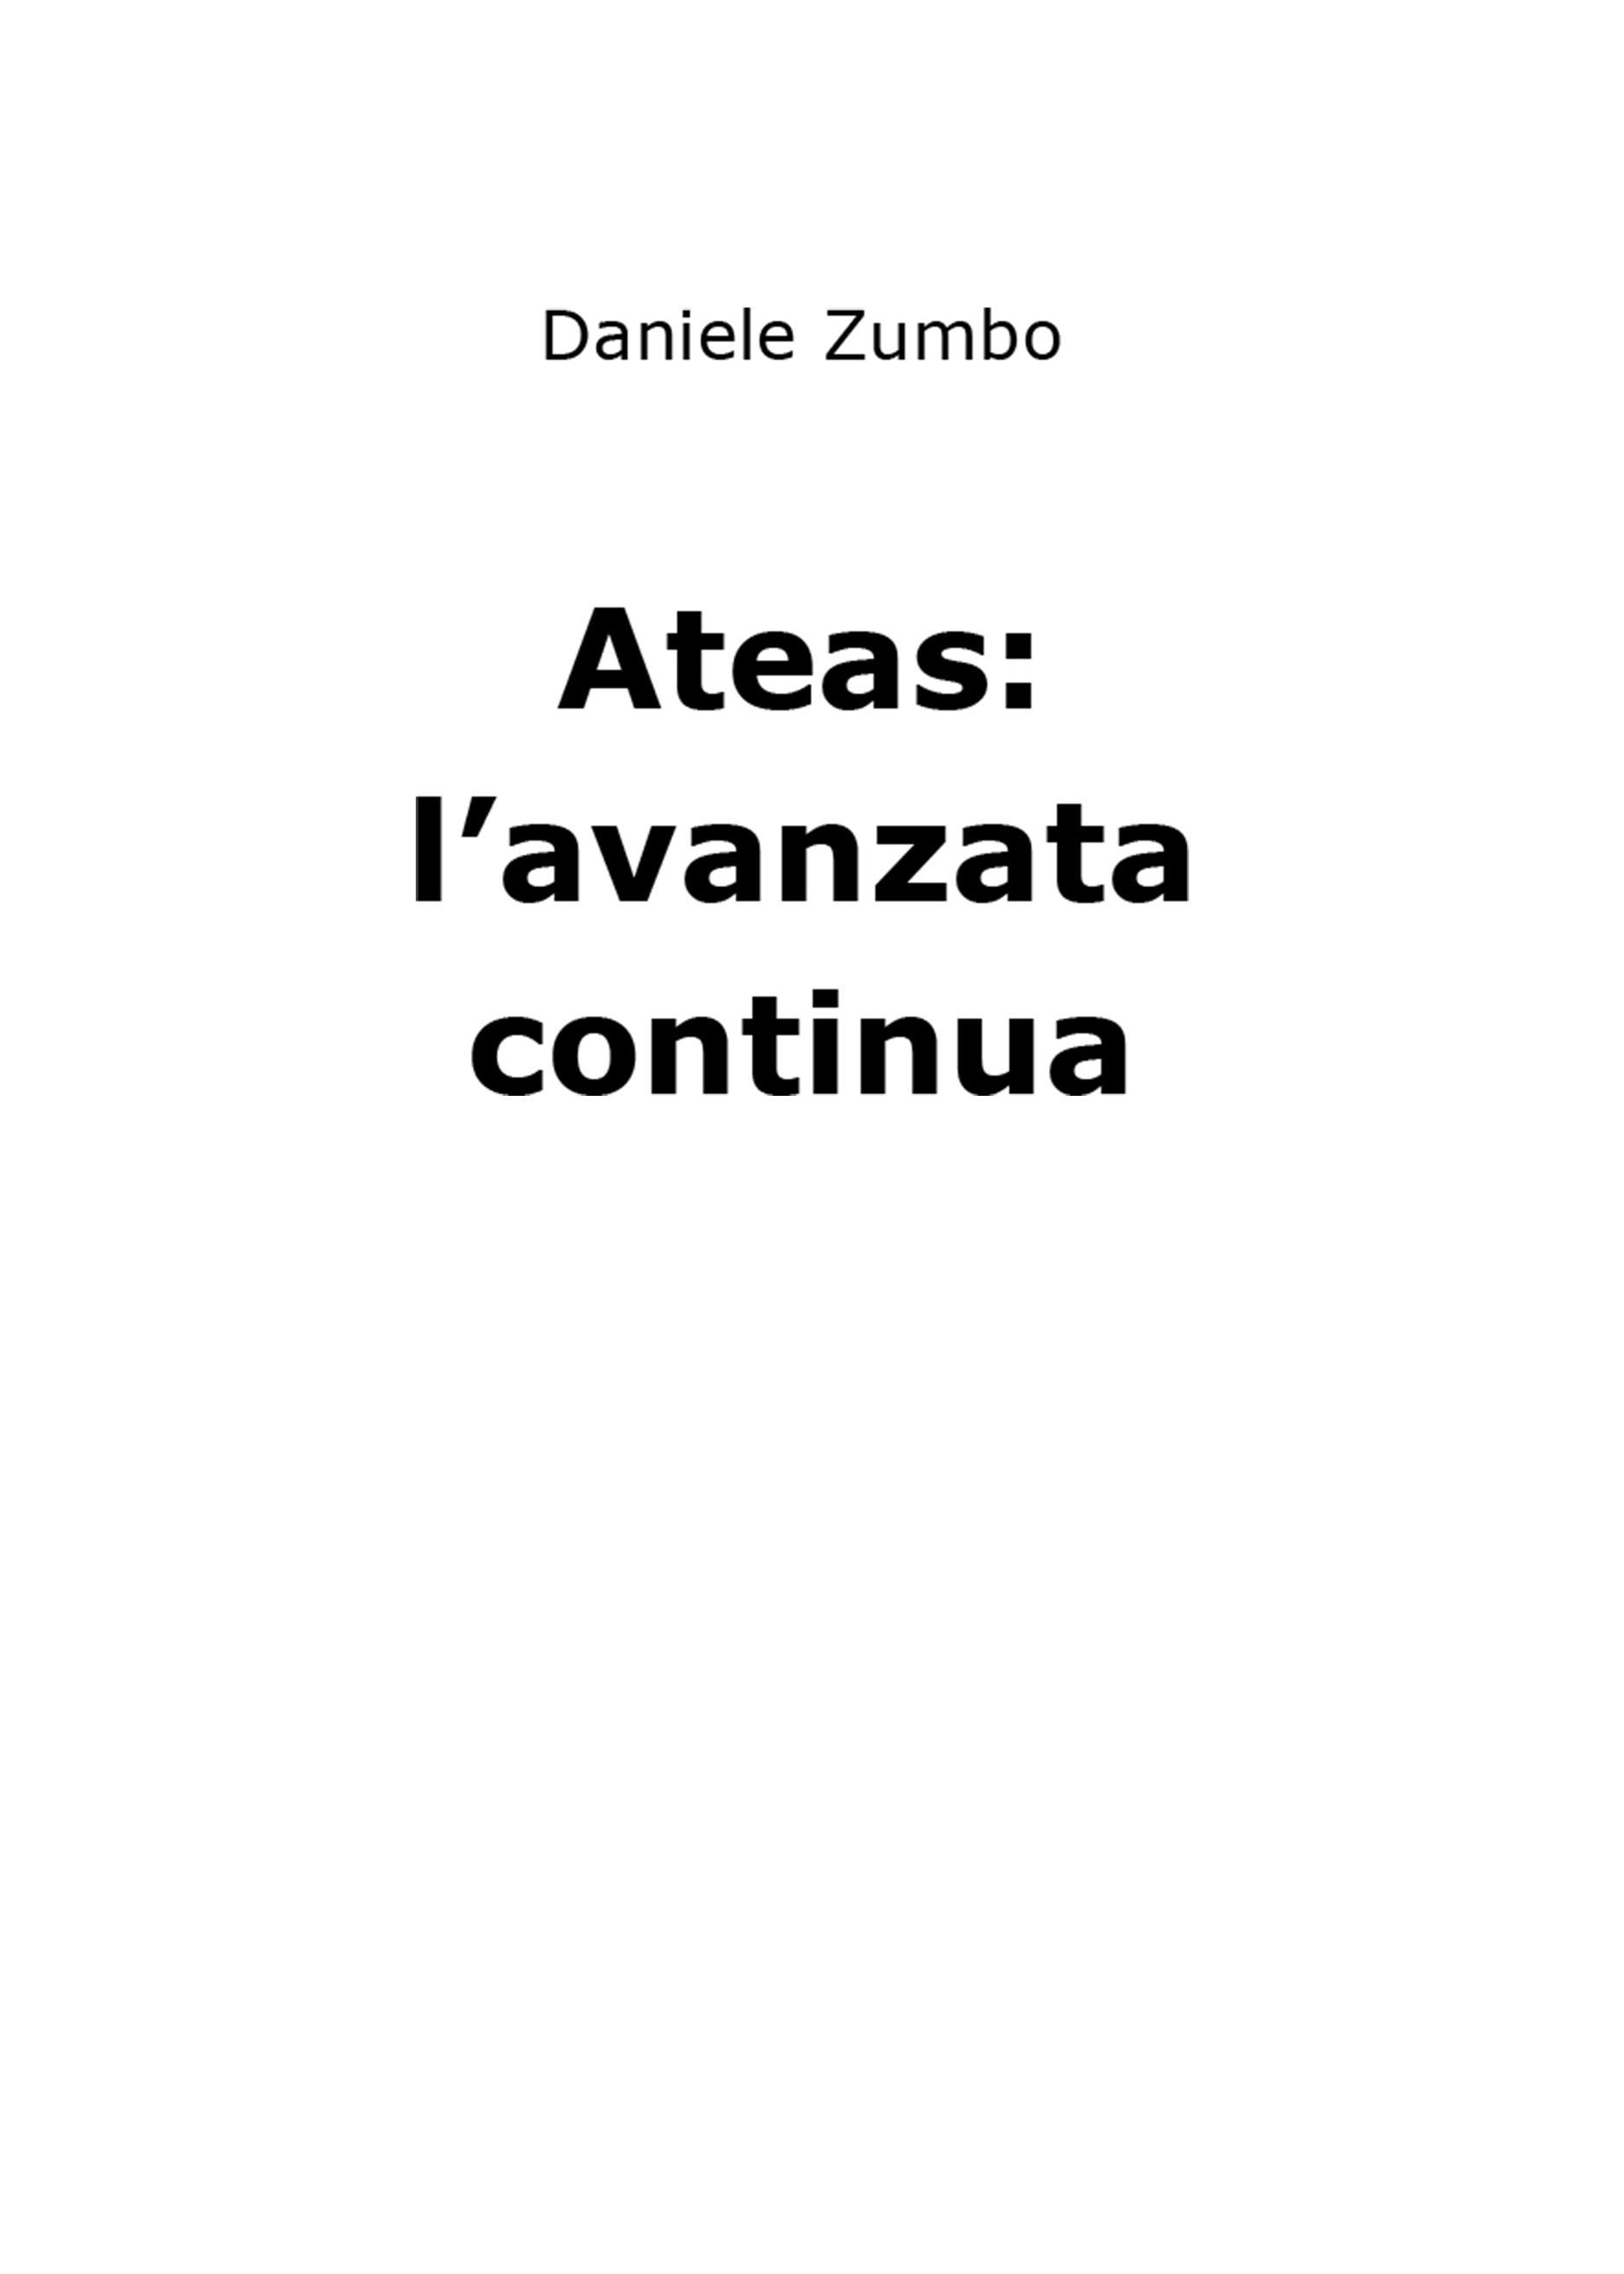 Ateas: l'avanzata continua